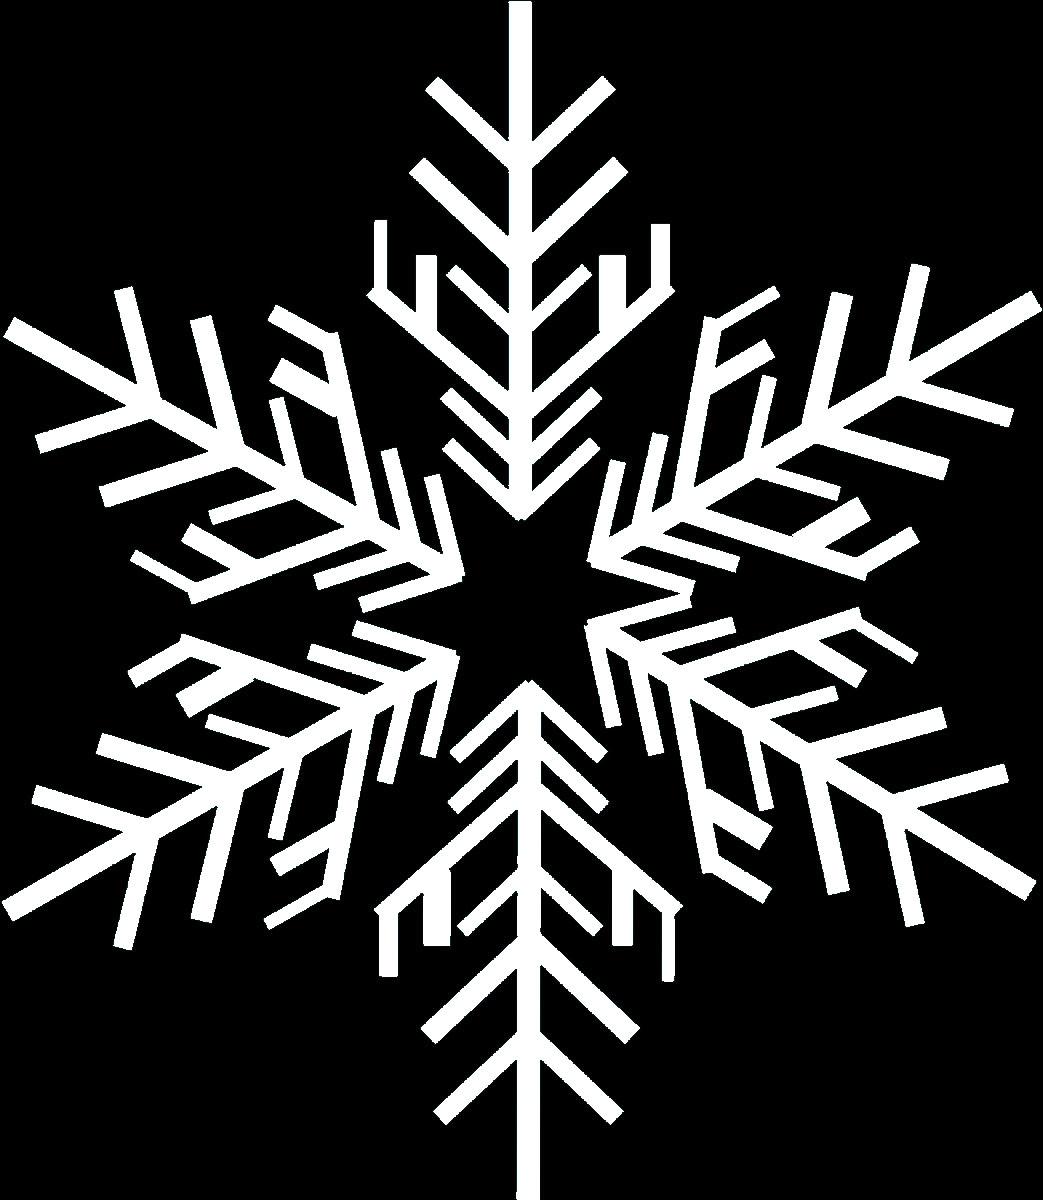 Наклейка автомобильная Оранжевый слоник Снежинка 2, виниловая, цвет: белый150NG00010WОригинальная наклейка Оранжевый слоник Снежинка 2 изготовлена из высококачественной виниловой пленки, которая выполняет не только декоративную функцию, но и защищает кузов автомобиля от небольших механических повреждений, либо скрывает уже существующие. Виниловые наклейки на автомобиль - это не только красиво, но еще и быстро! Всего за несколько минут вы можете полностью преобразить свой автомобиль, сделать его ярким, необычным, особенным и неповторимым!